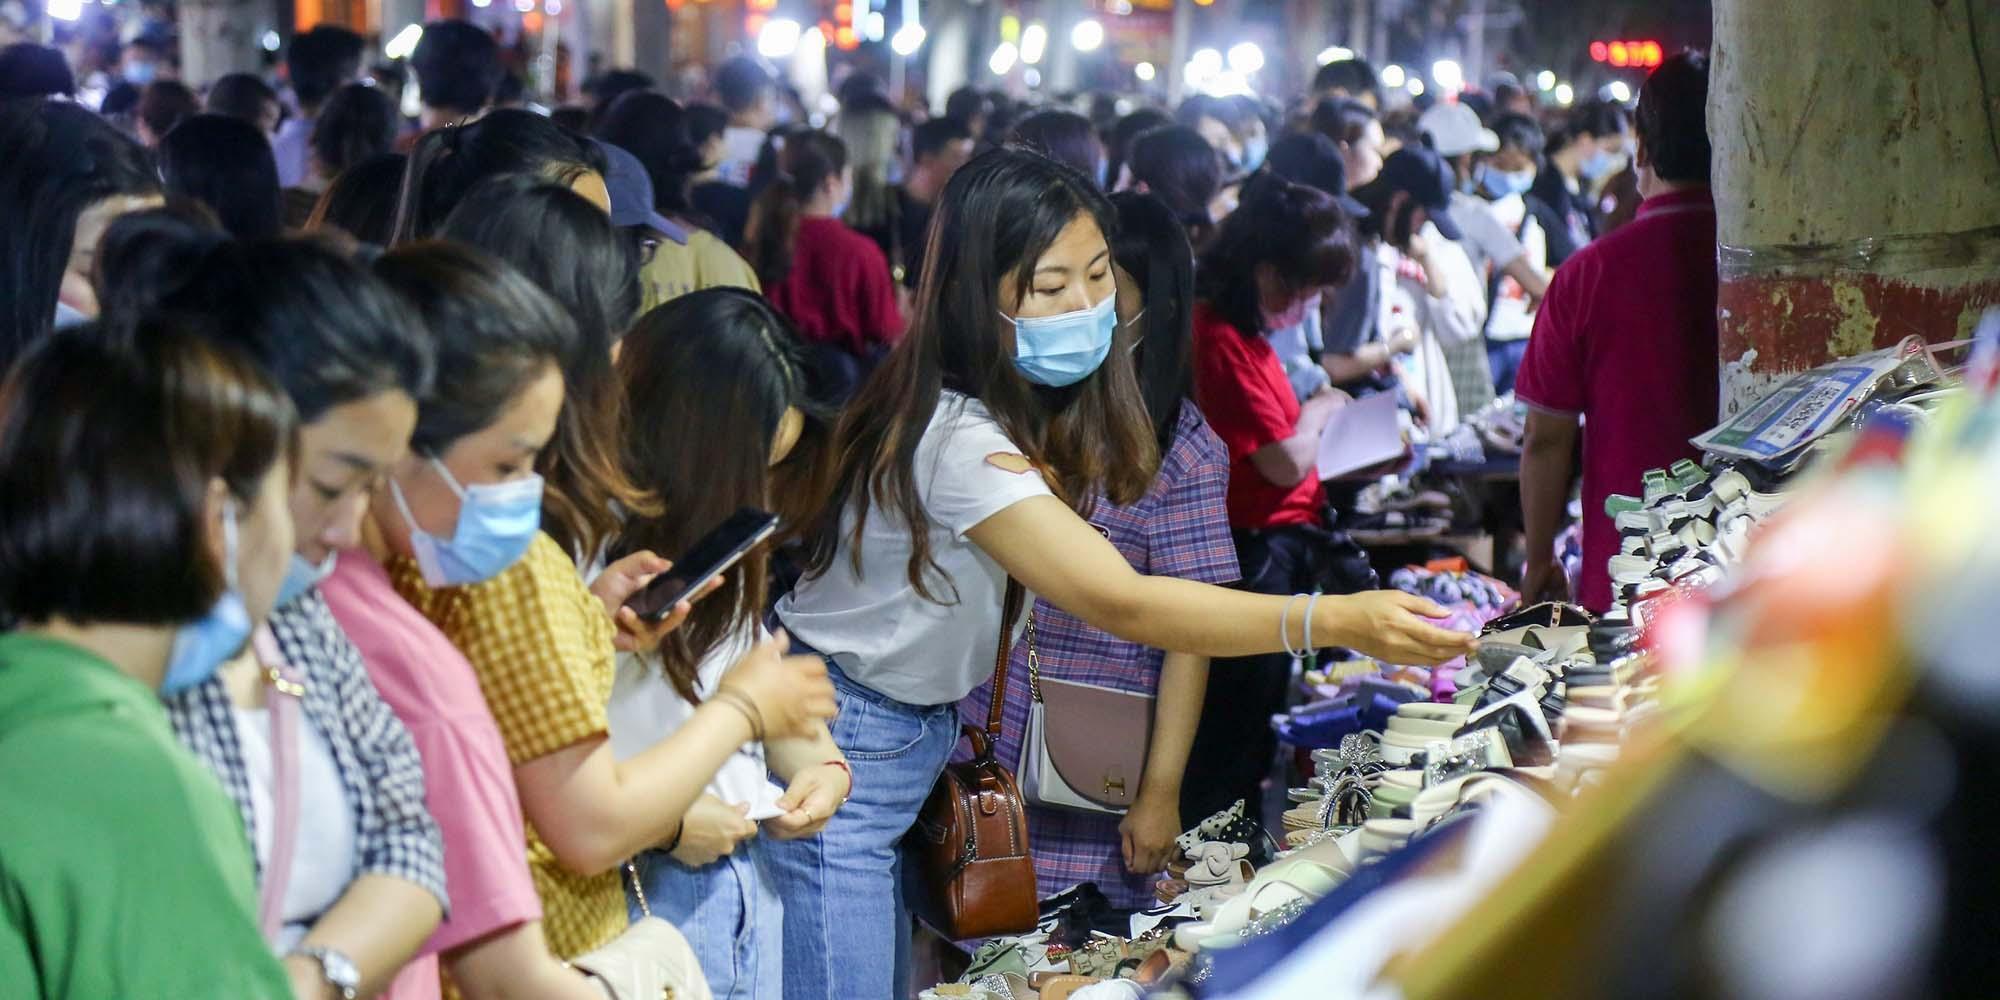 """Bán hàng rong bất ngờ trở thành """"huyết mạch"""" của kinh tế đô thị Trung Quốc"""